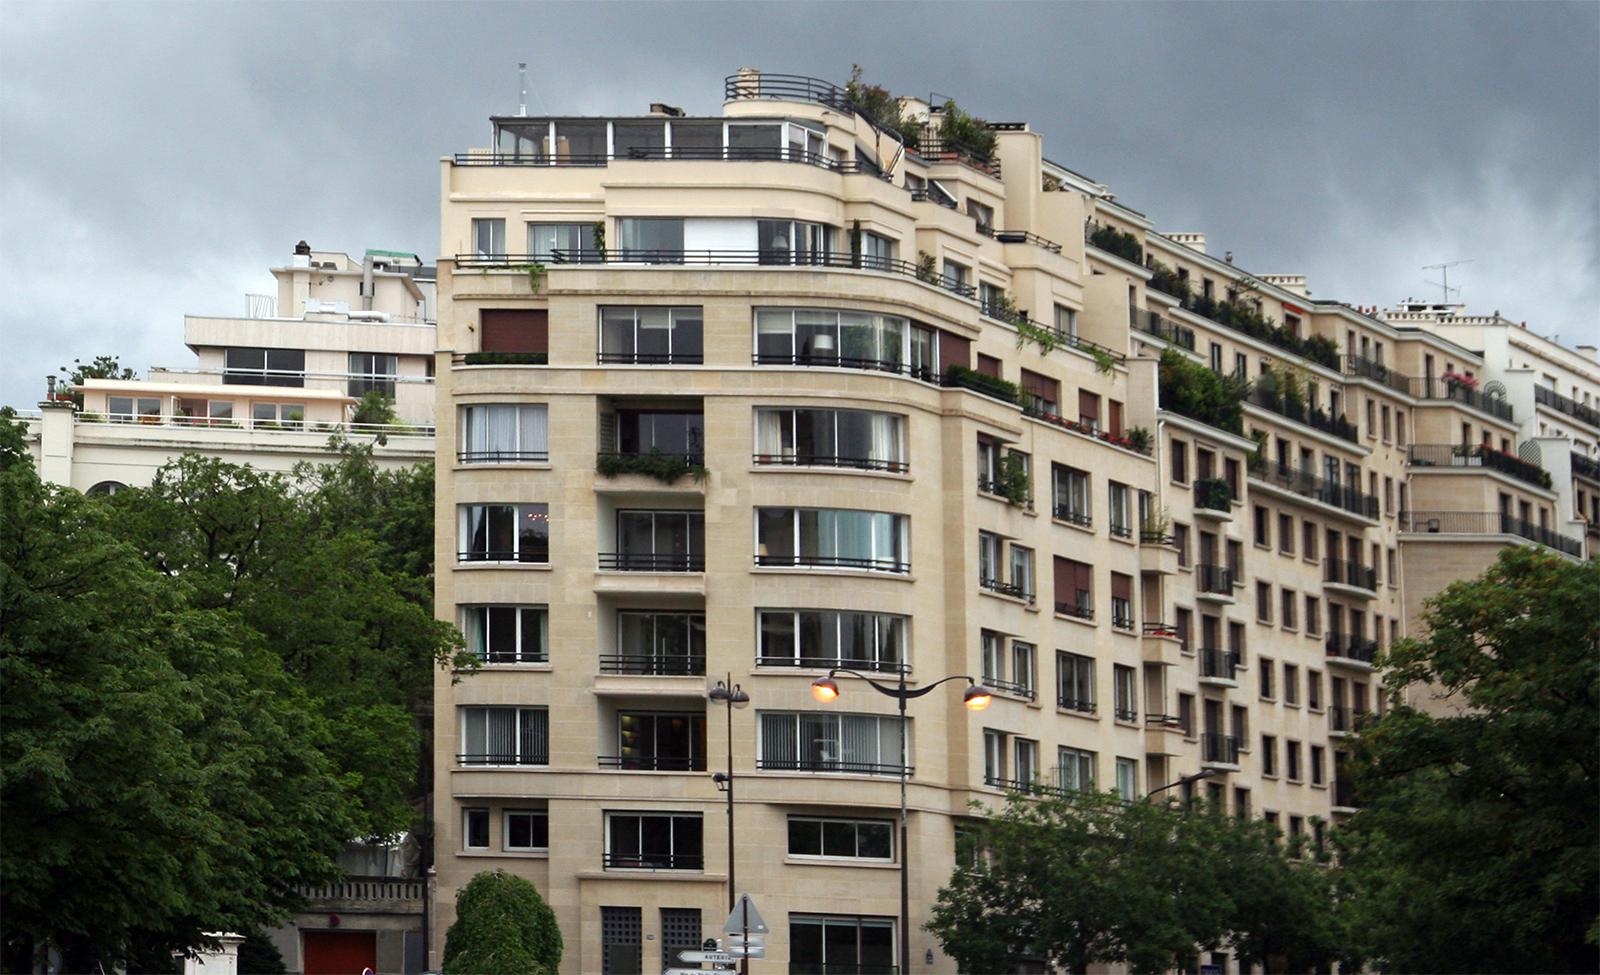 Nettoyage d'appartement parisien